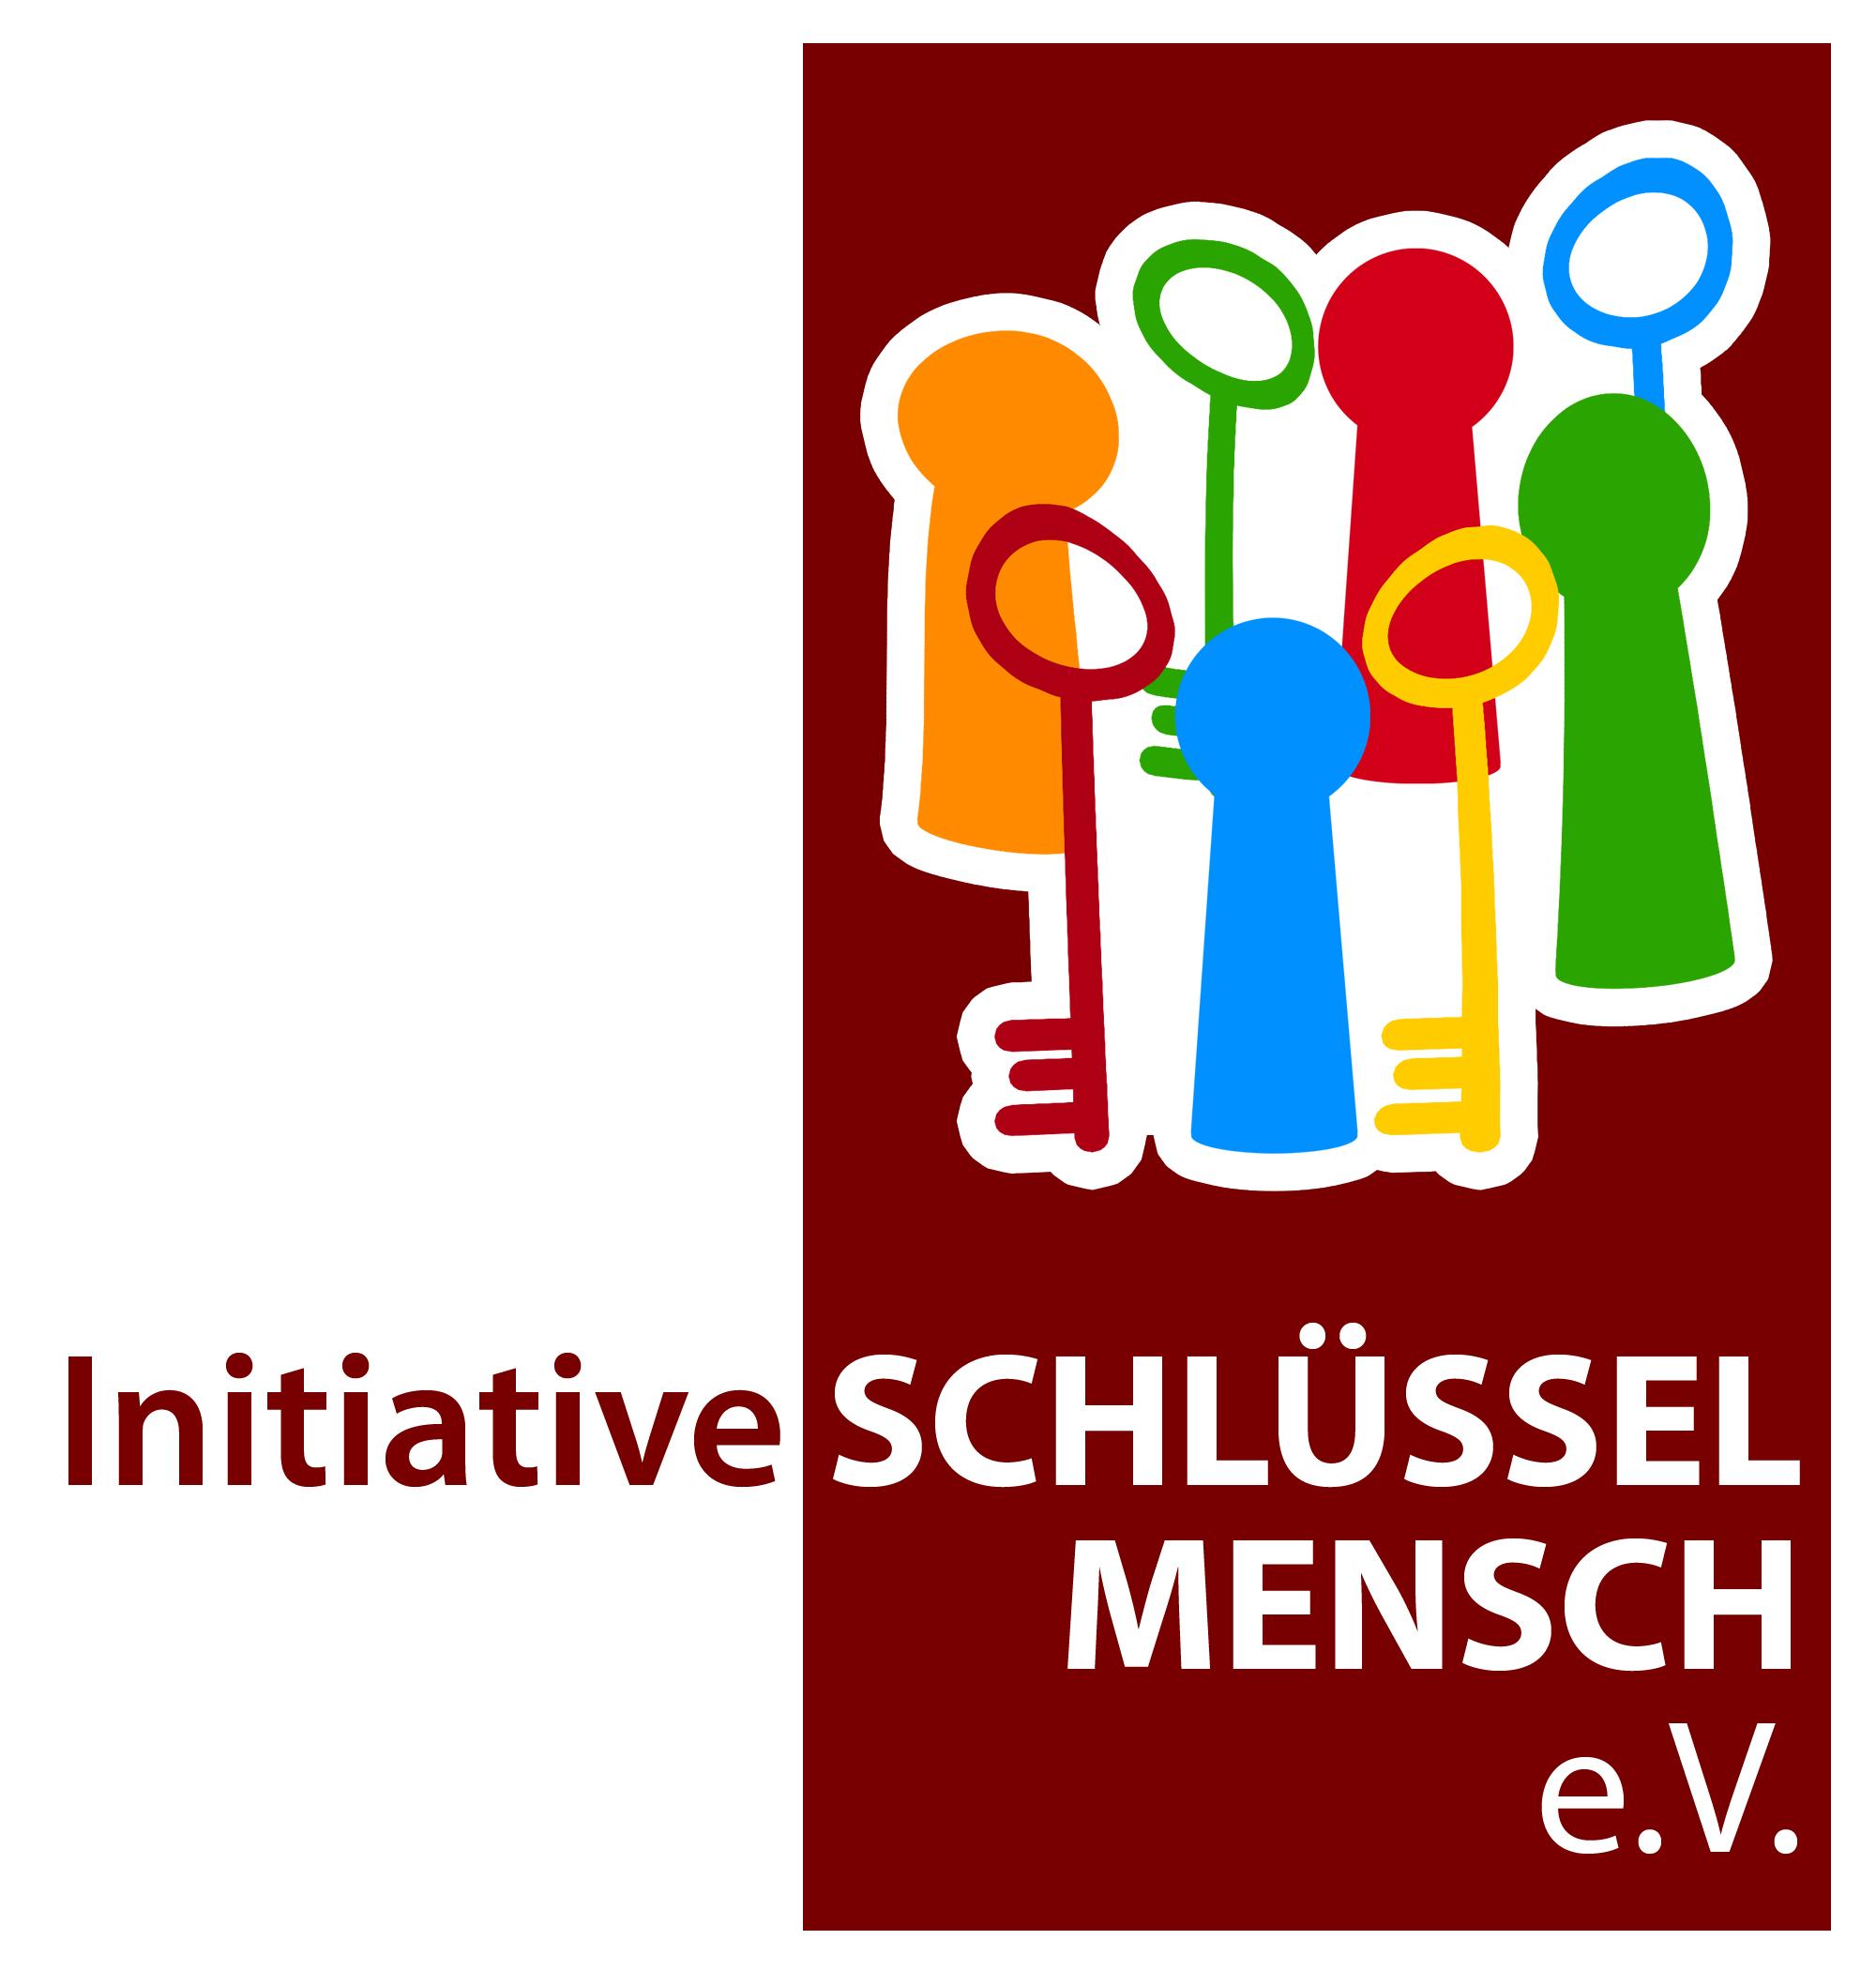 Initiative   SCHLÜSSELMENSCH e.V.